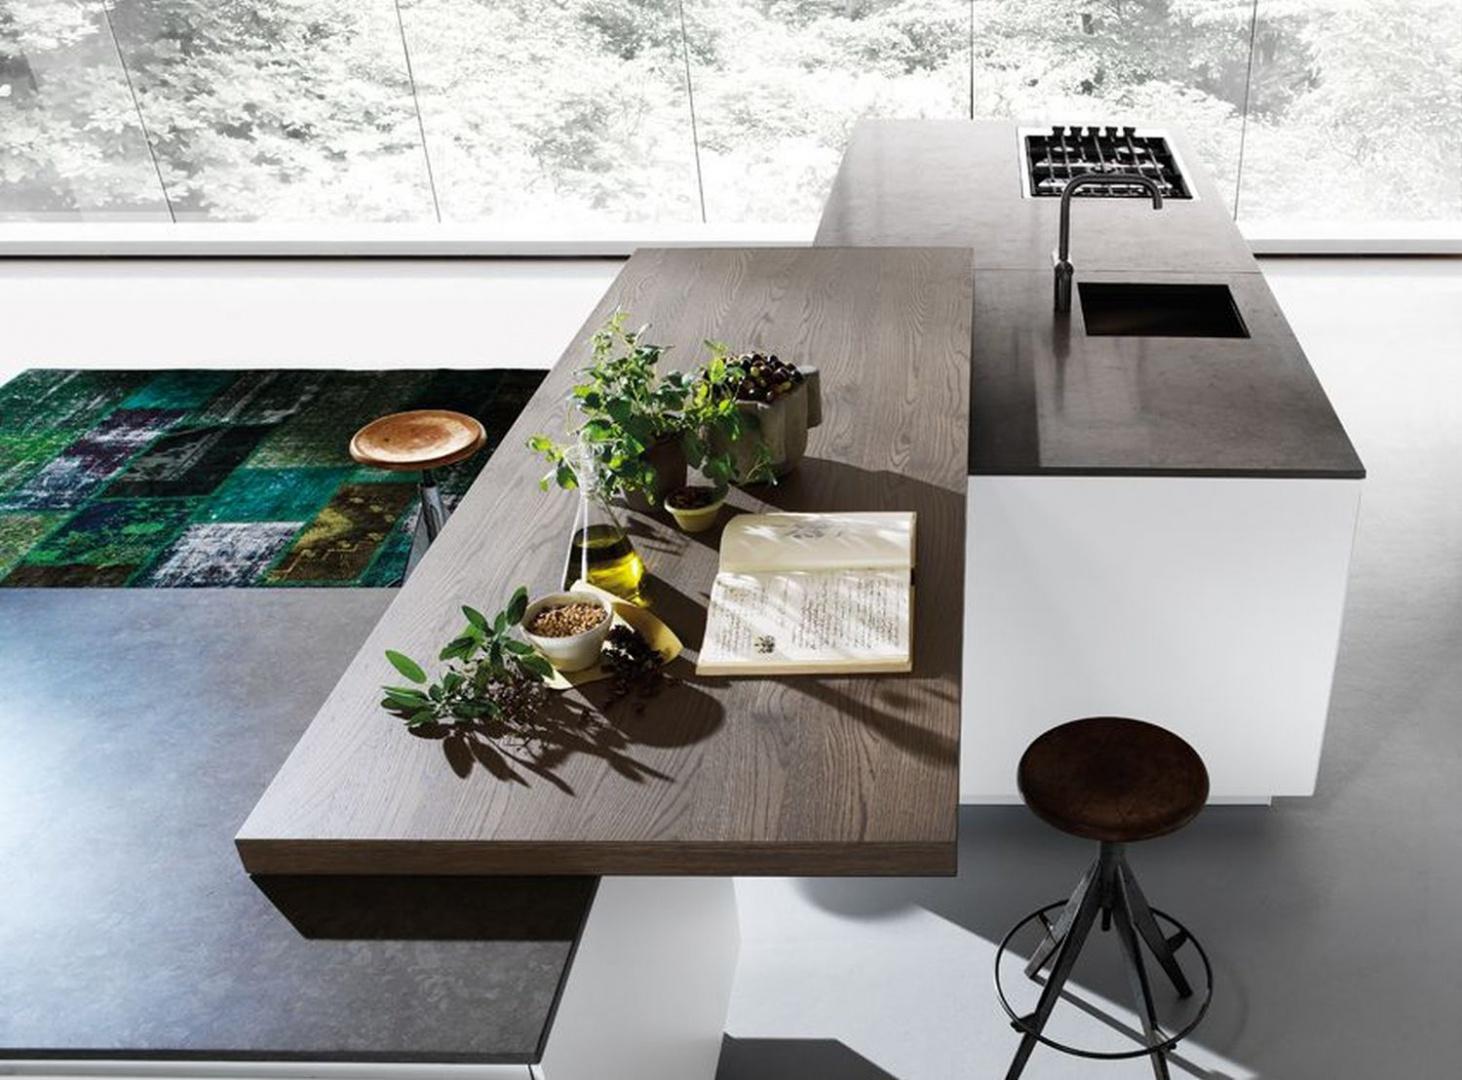 Piękny kompozytowy blat do złudzenia imitujący drewno. Fot. Kari Mobili marka Binova, kuchnia Mood